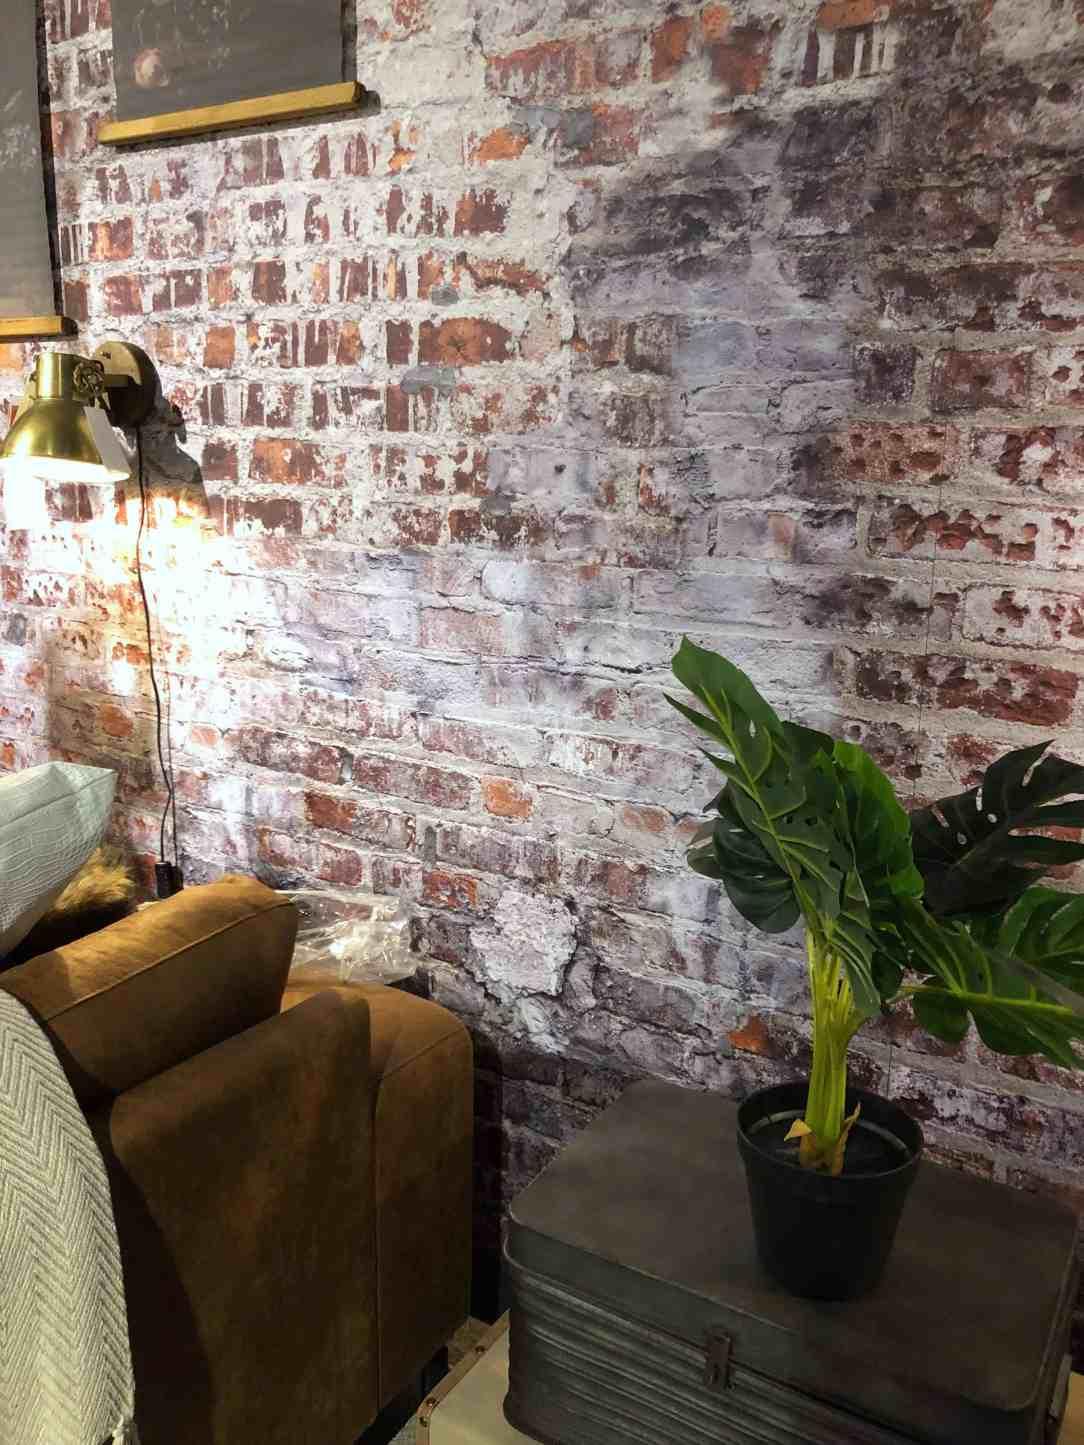 Zeer Val jij ook als een blok voor een bakstenen muur? - Anita Home Blog &EA07